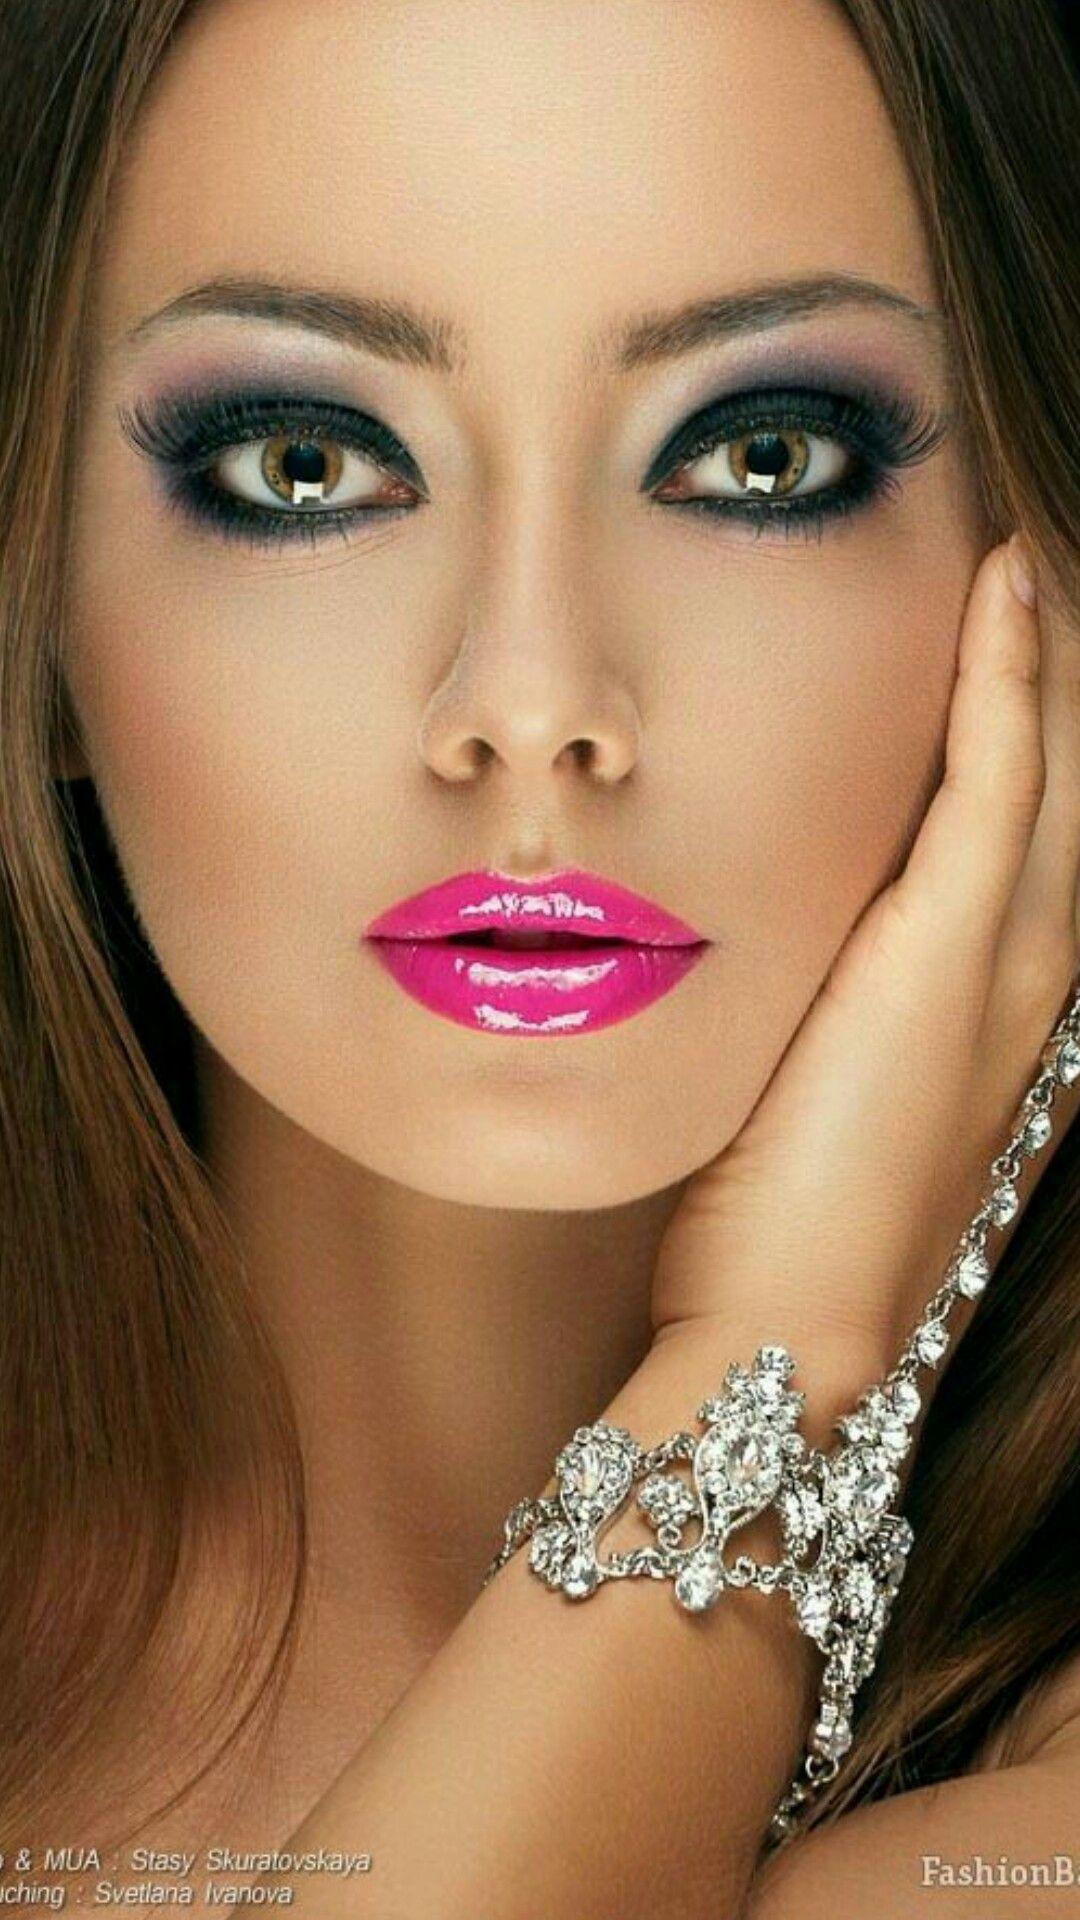 Pin von BEBBY auf Stunning Faces | Stark geschminkt, Frau